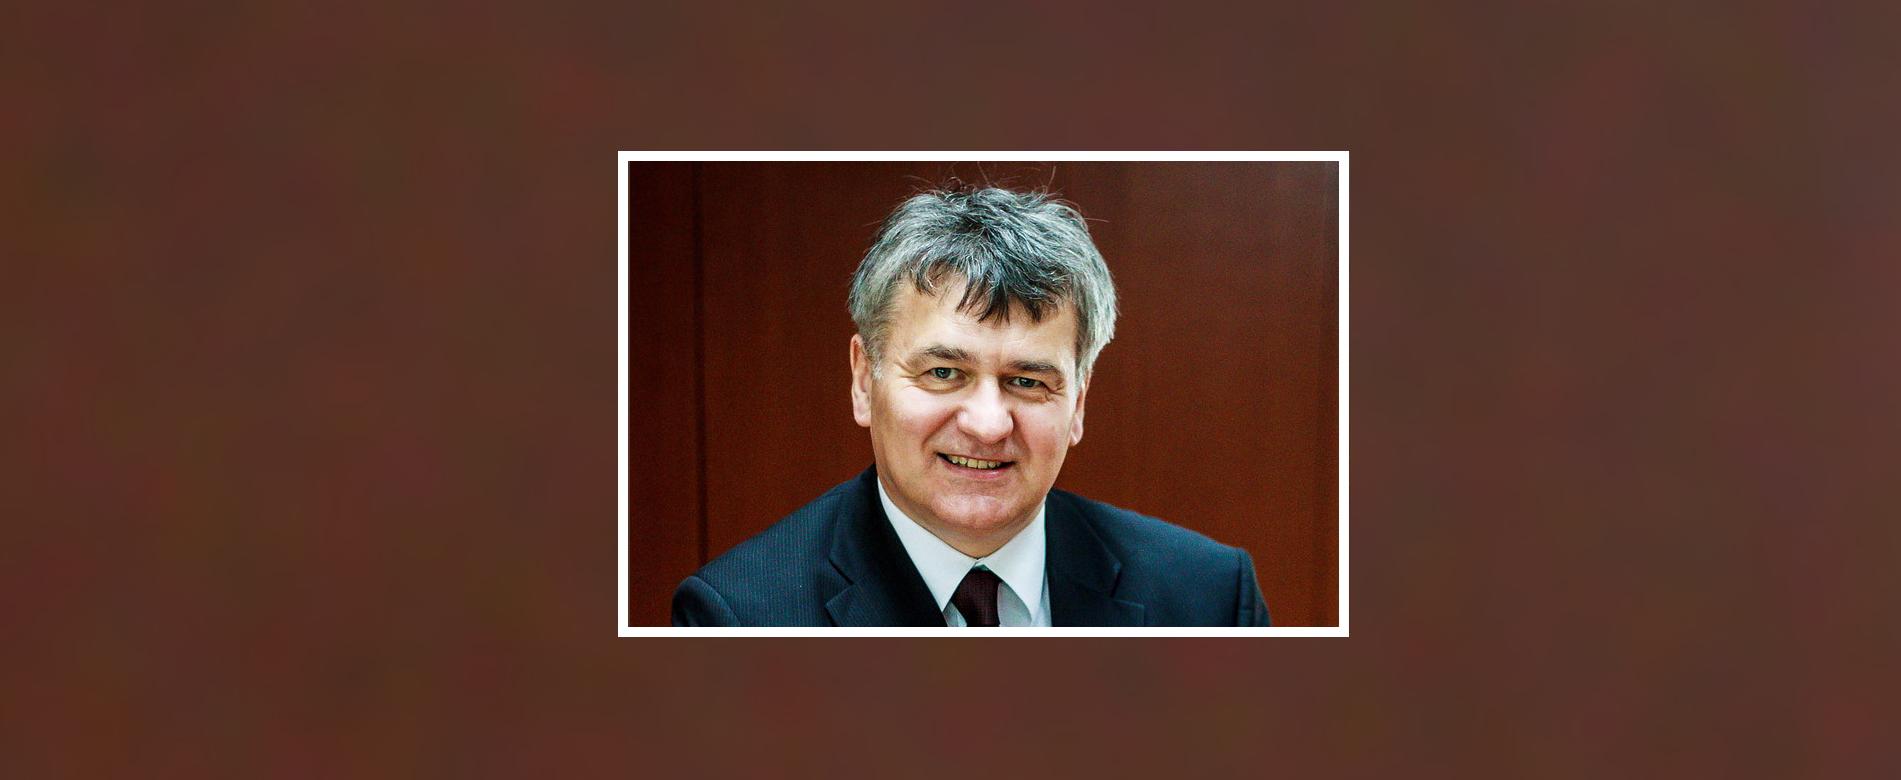 Magyary Zoltán Emlékérem kitüntetésben részesült Lentner Csaba